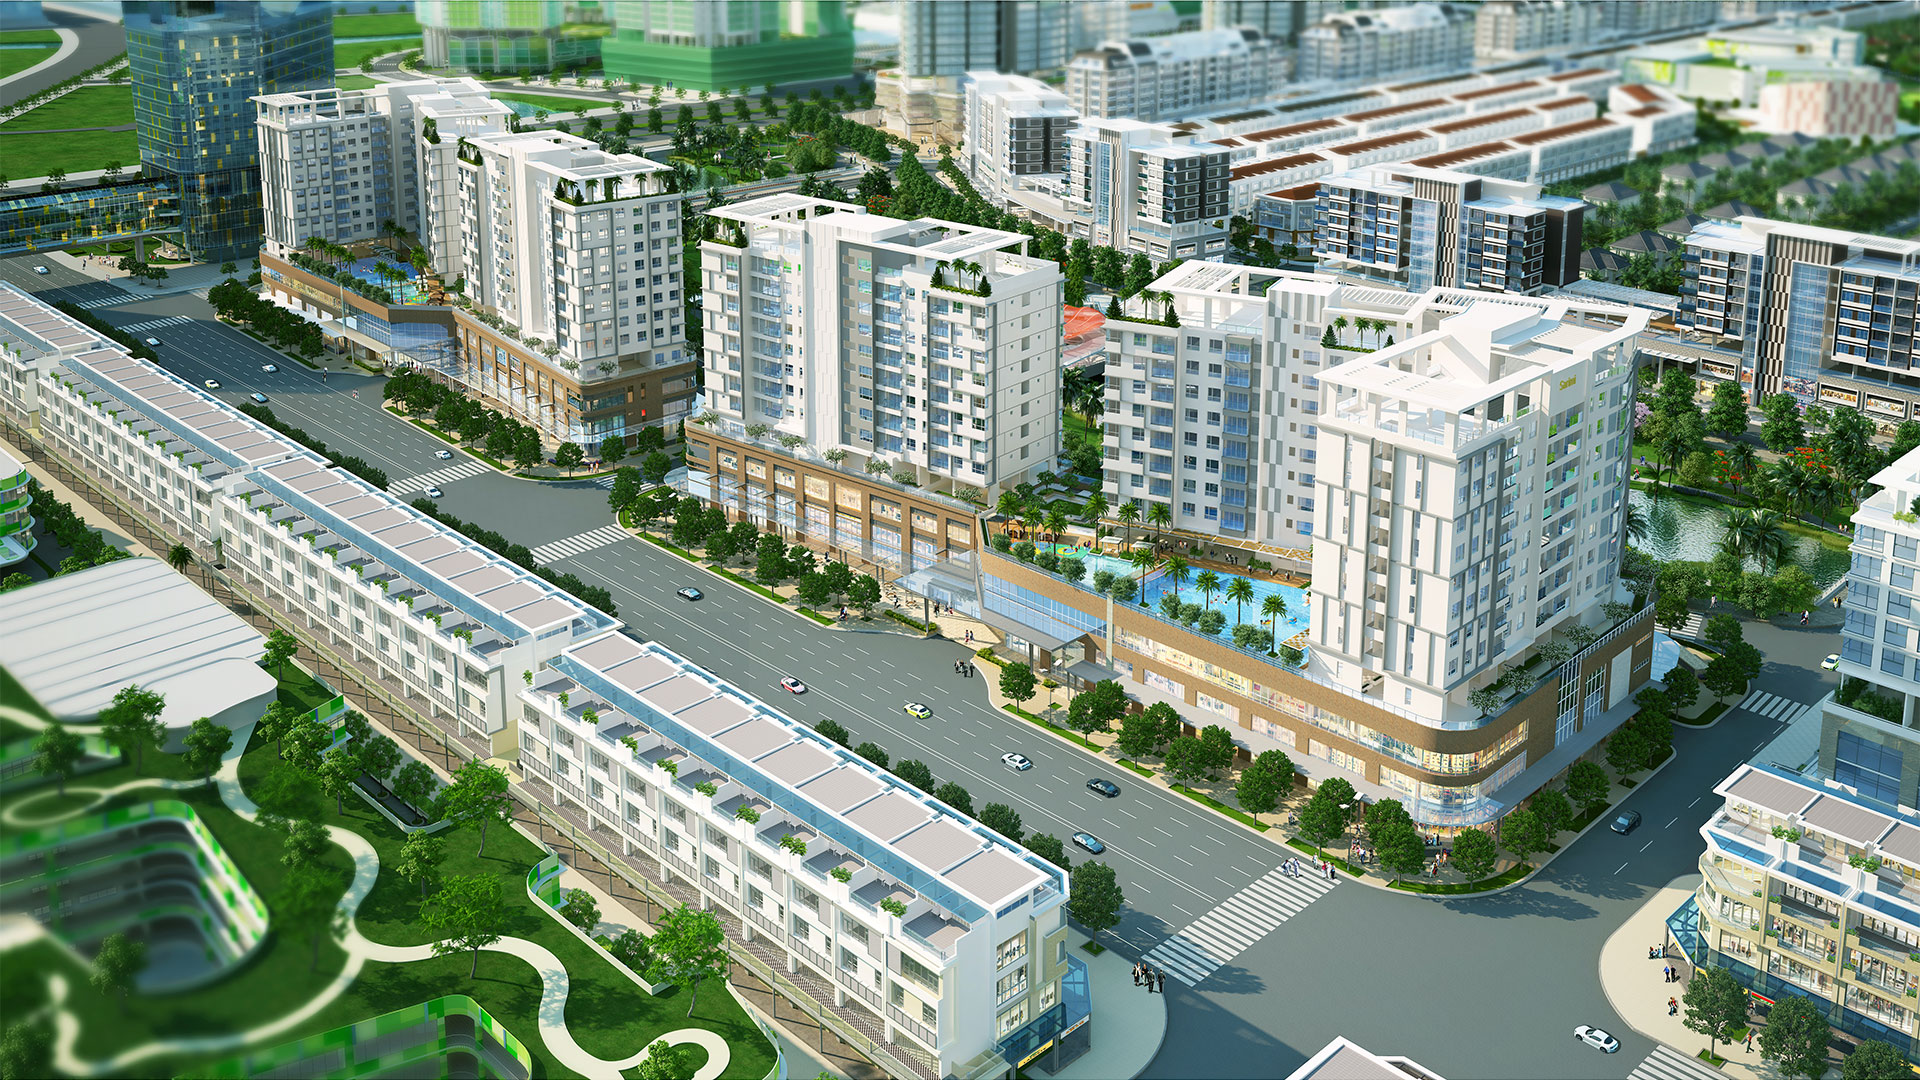 Bán căn hộ Sarimi 2PN lầu cao view Quận 1 và Empire 88 tầng. Giá 5.6 tỷ. LH 0944 909192. Mr Thành